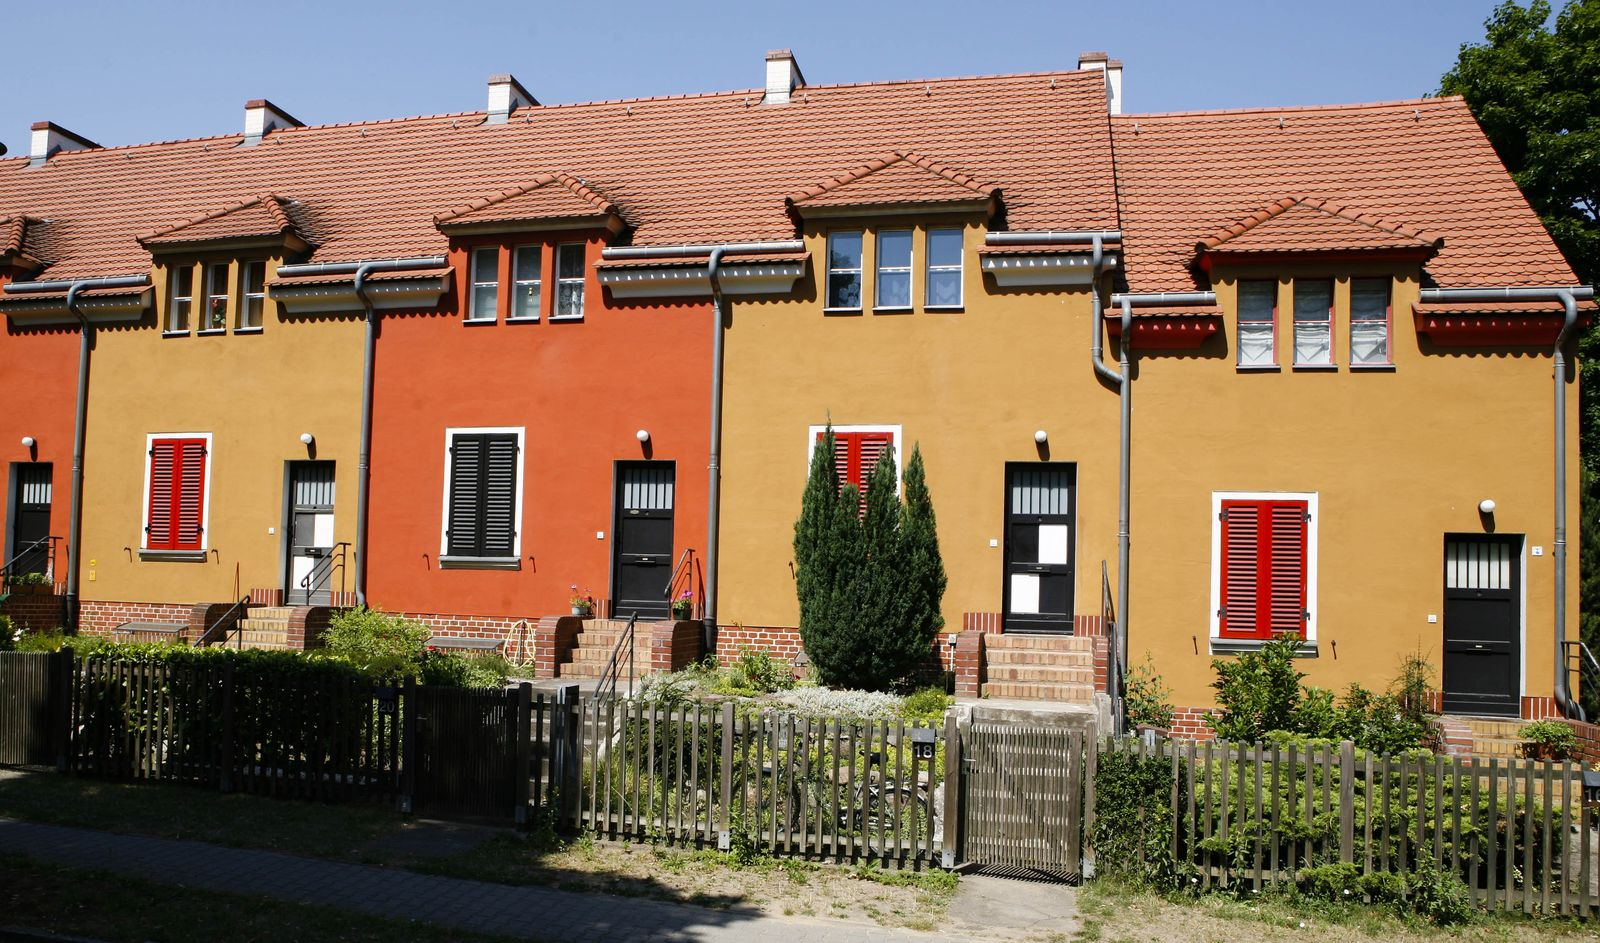 Immobilien, Falkenberg, Reihenhäuser